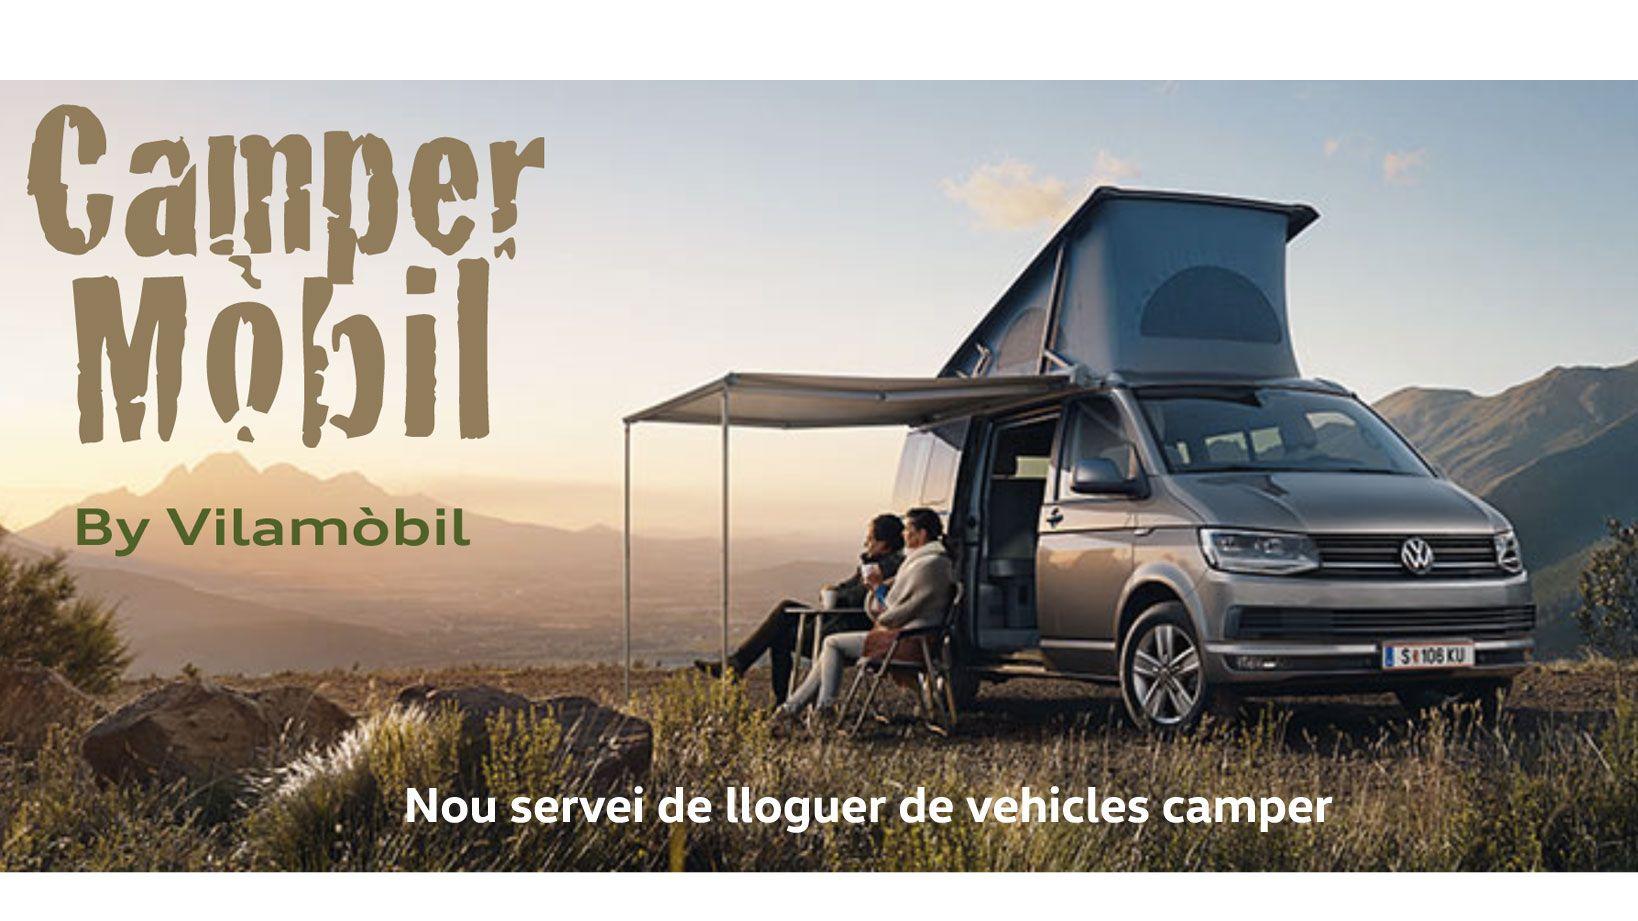 Alquiler de vehículos camper